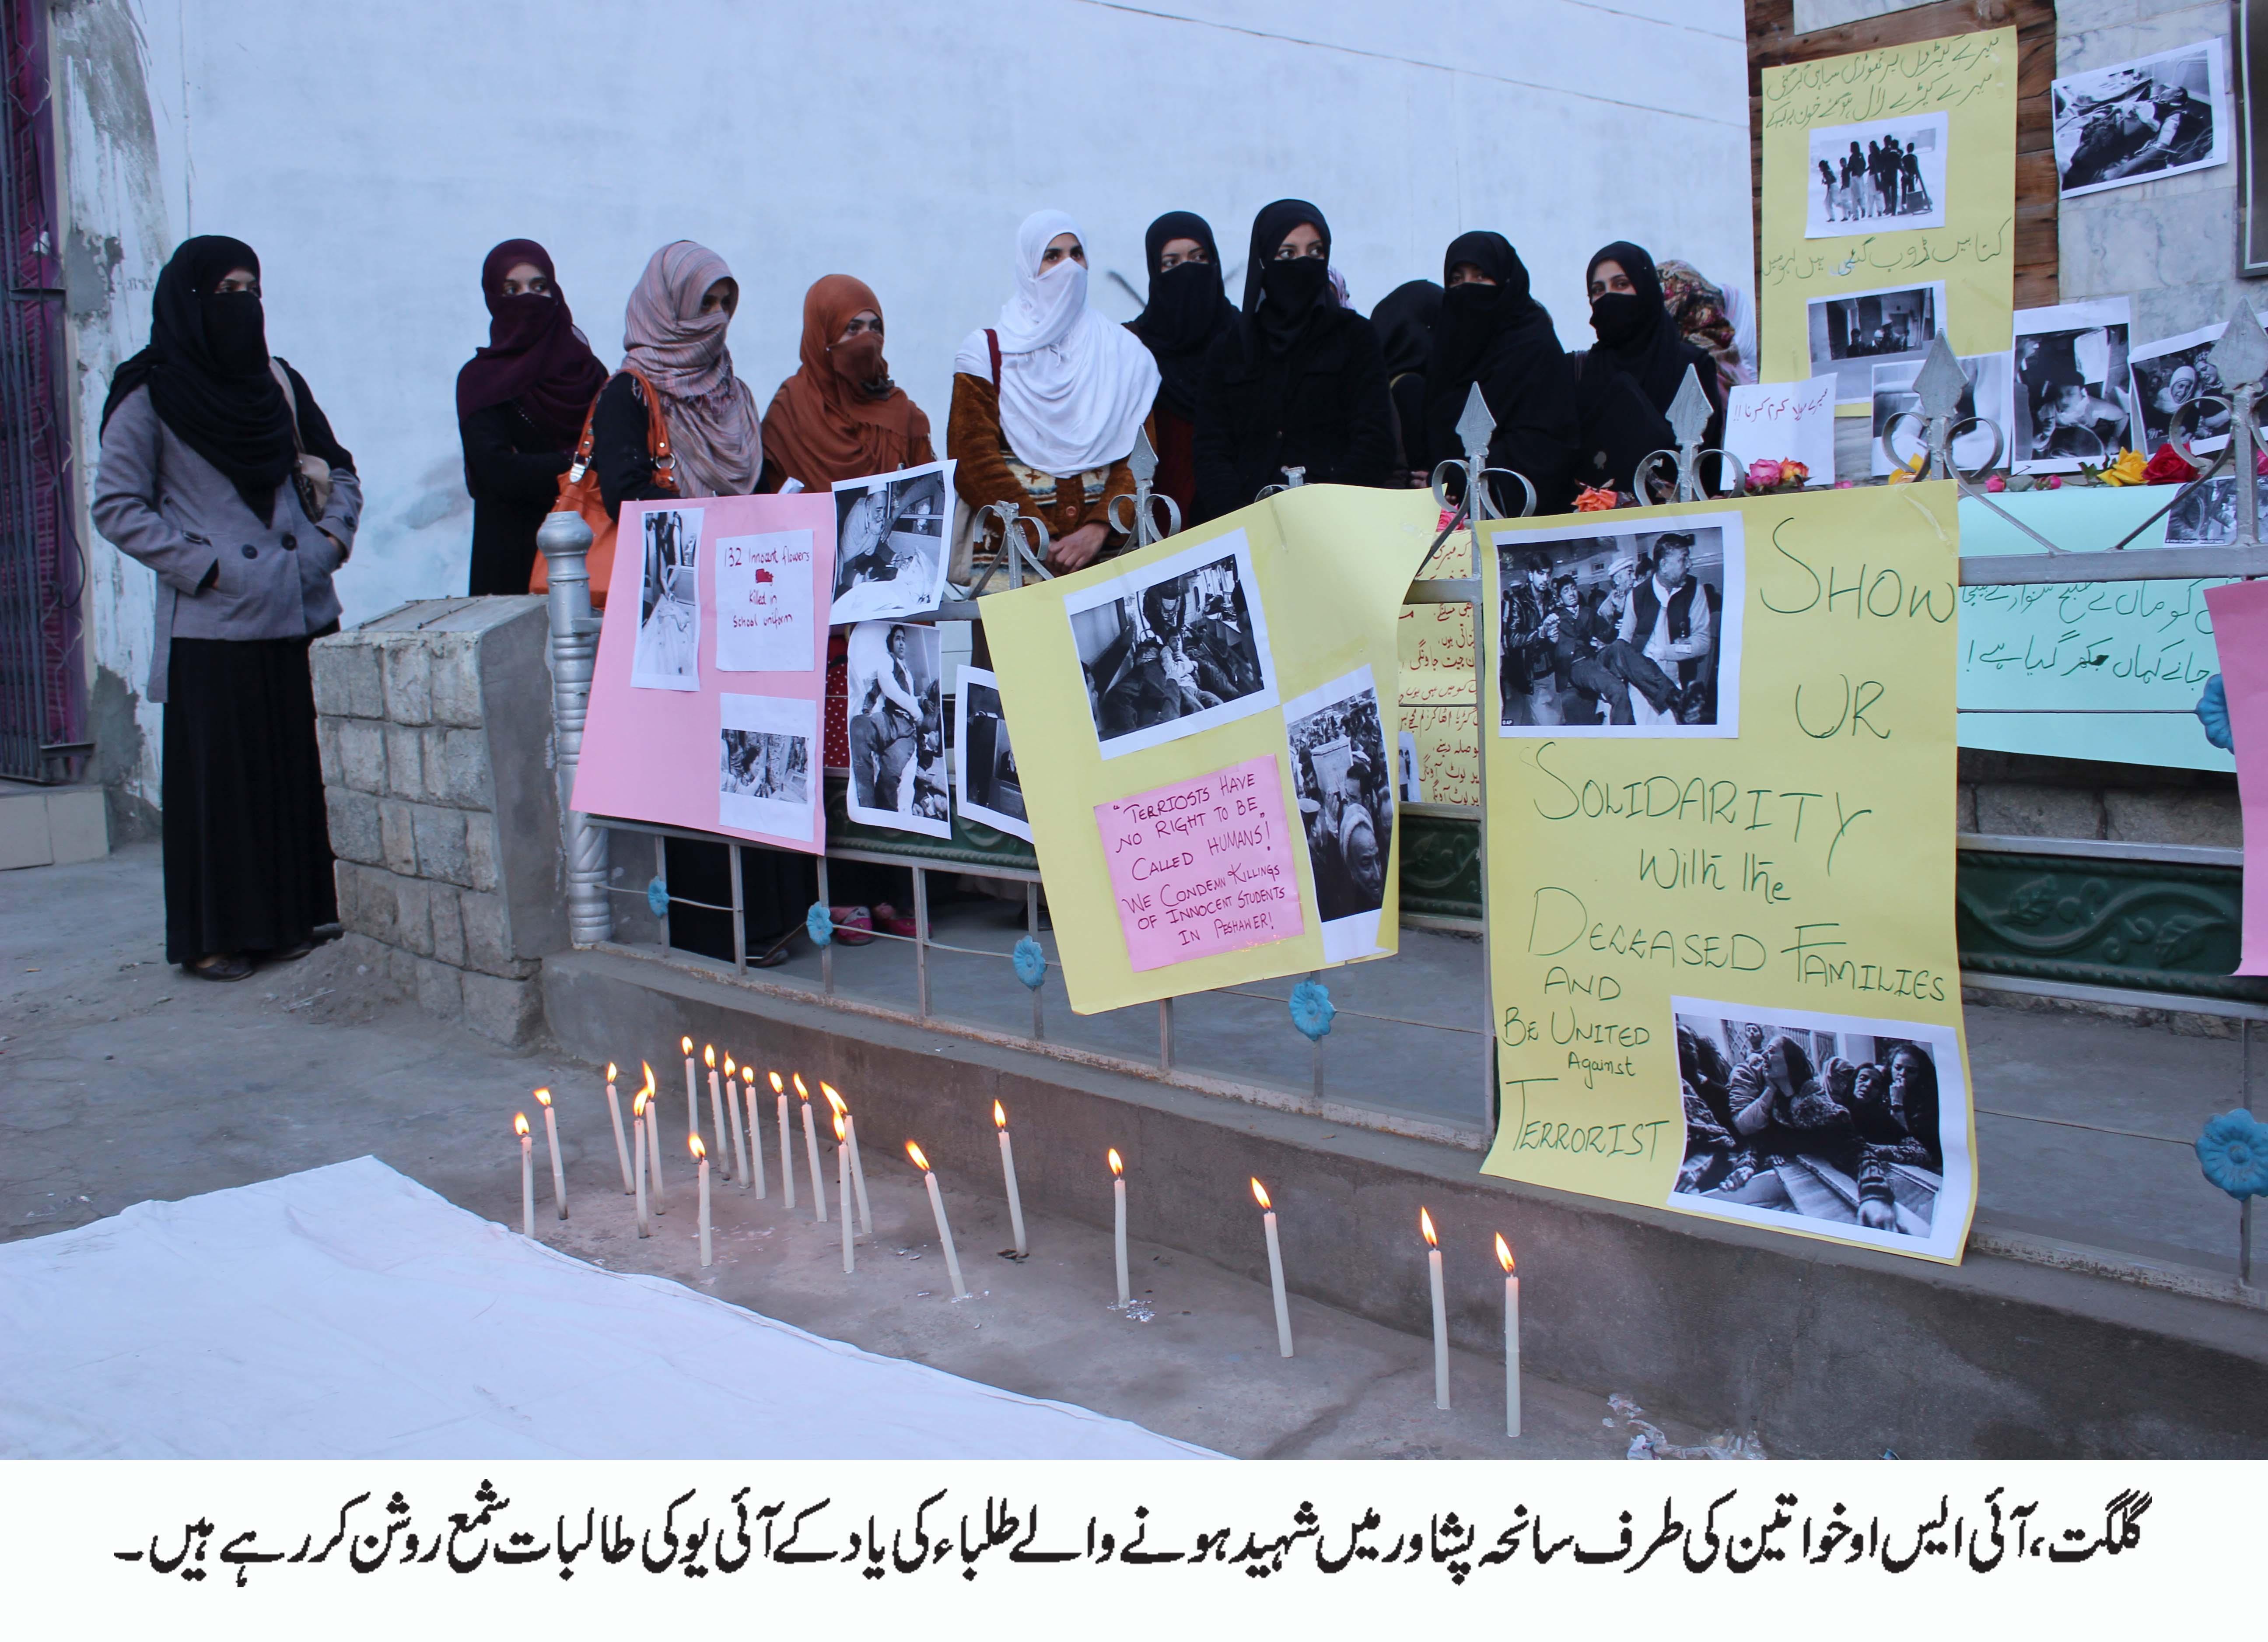 سانحہ پشاور انسانیت کے خلاف جرم ہے، گلگت میں احتجاجی مظاہرے، کاروبار بند